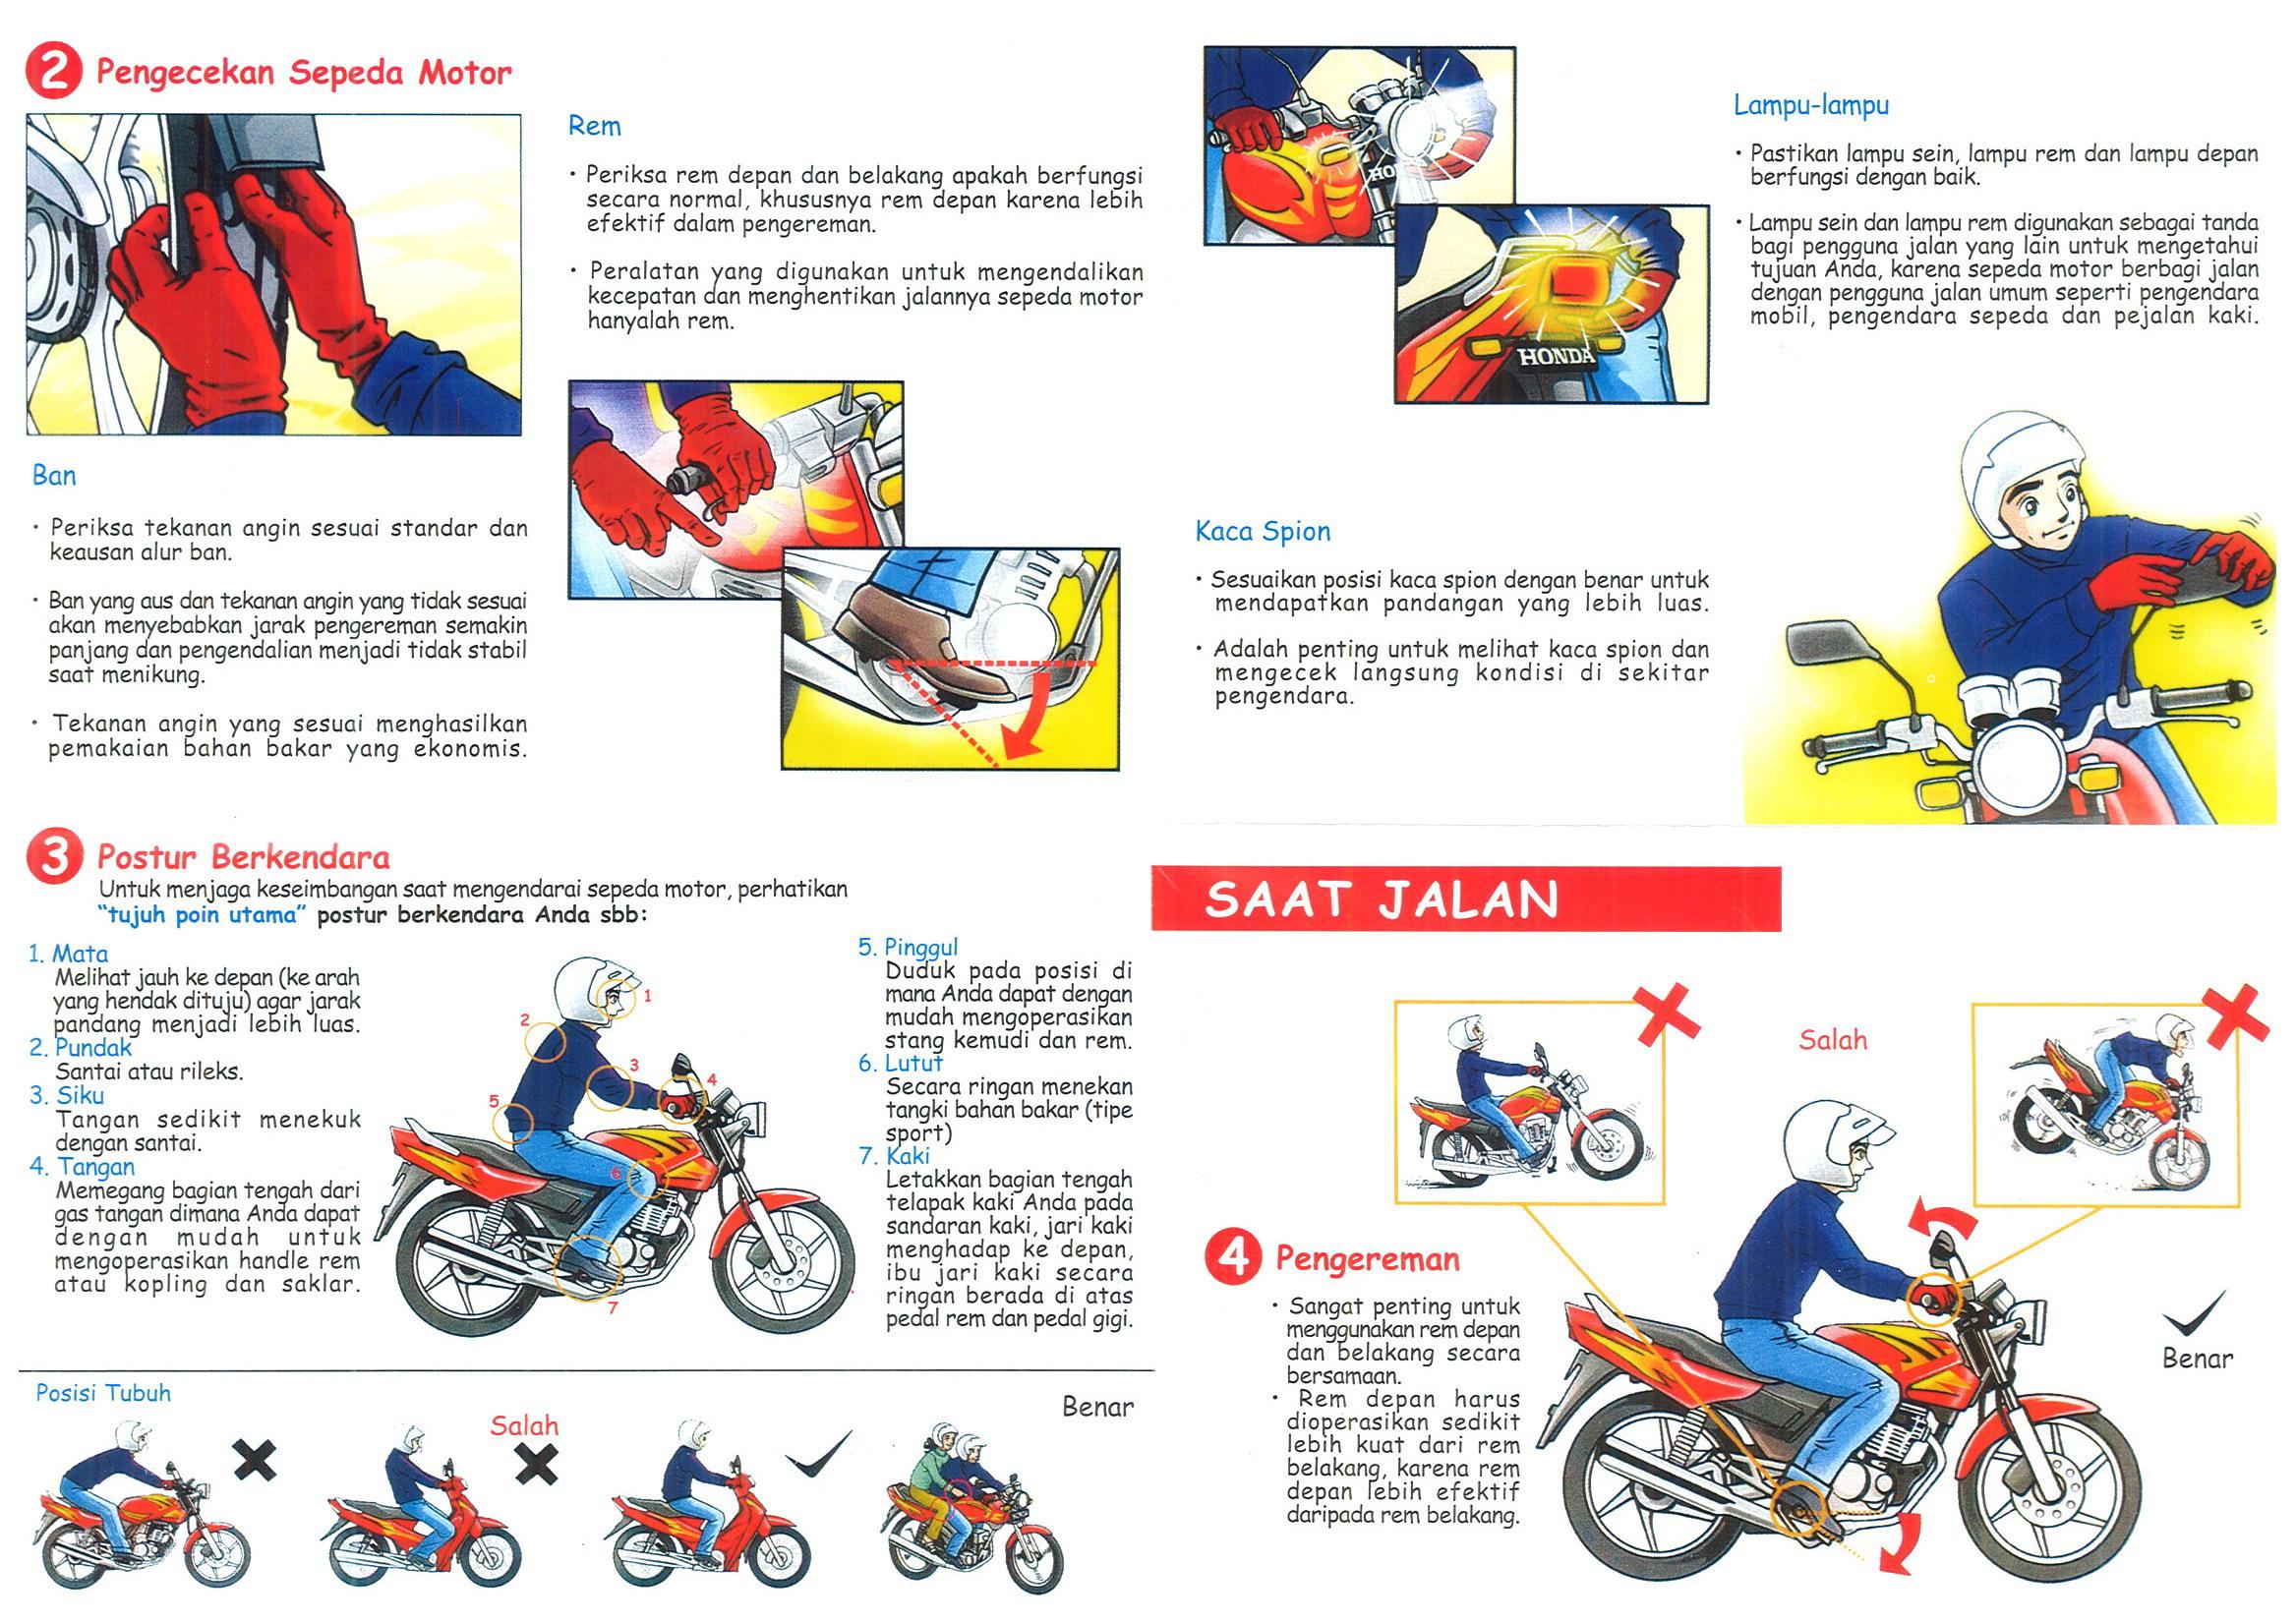 Brosur Keselamatan Berkendara » brosur keselamatan berkendara 2